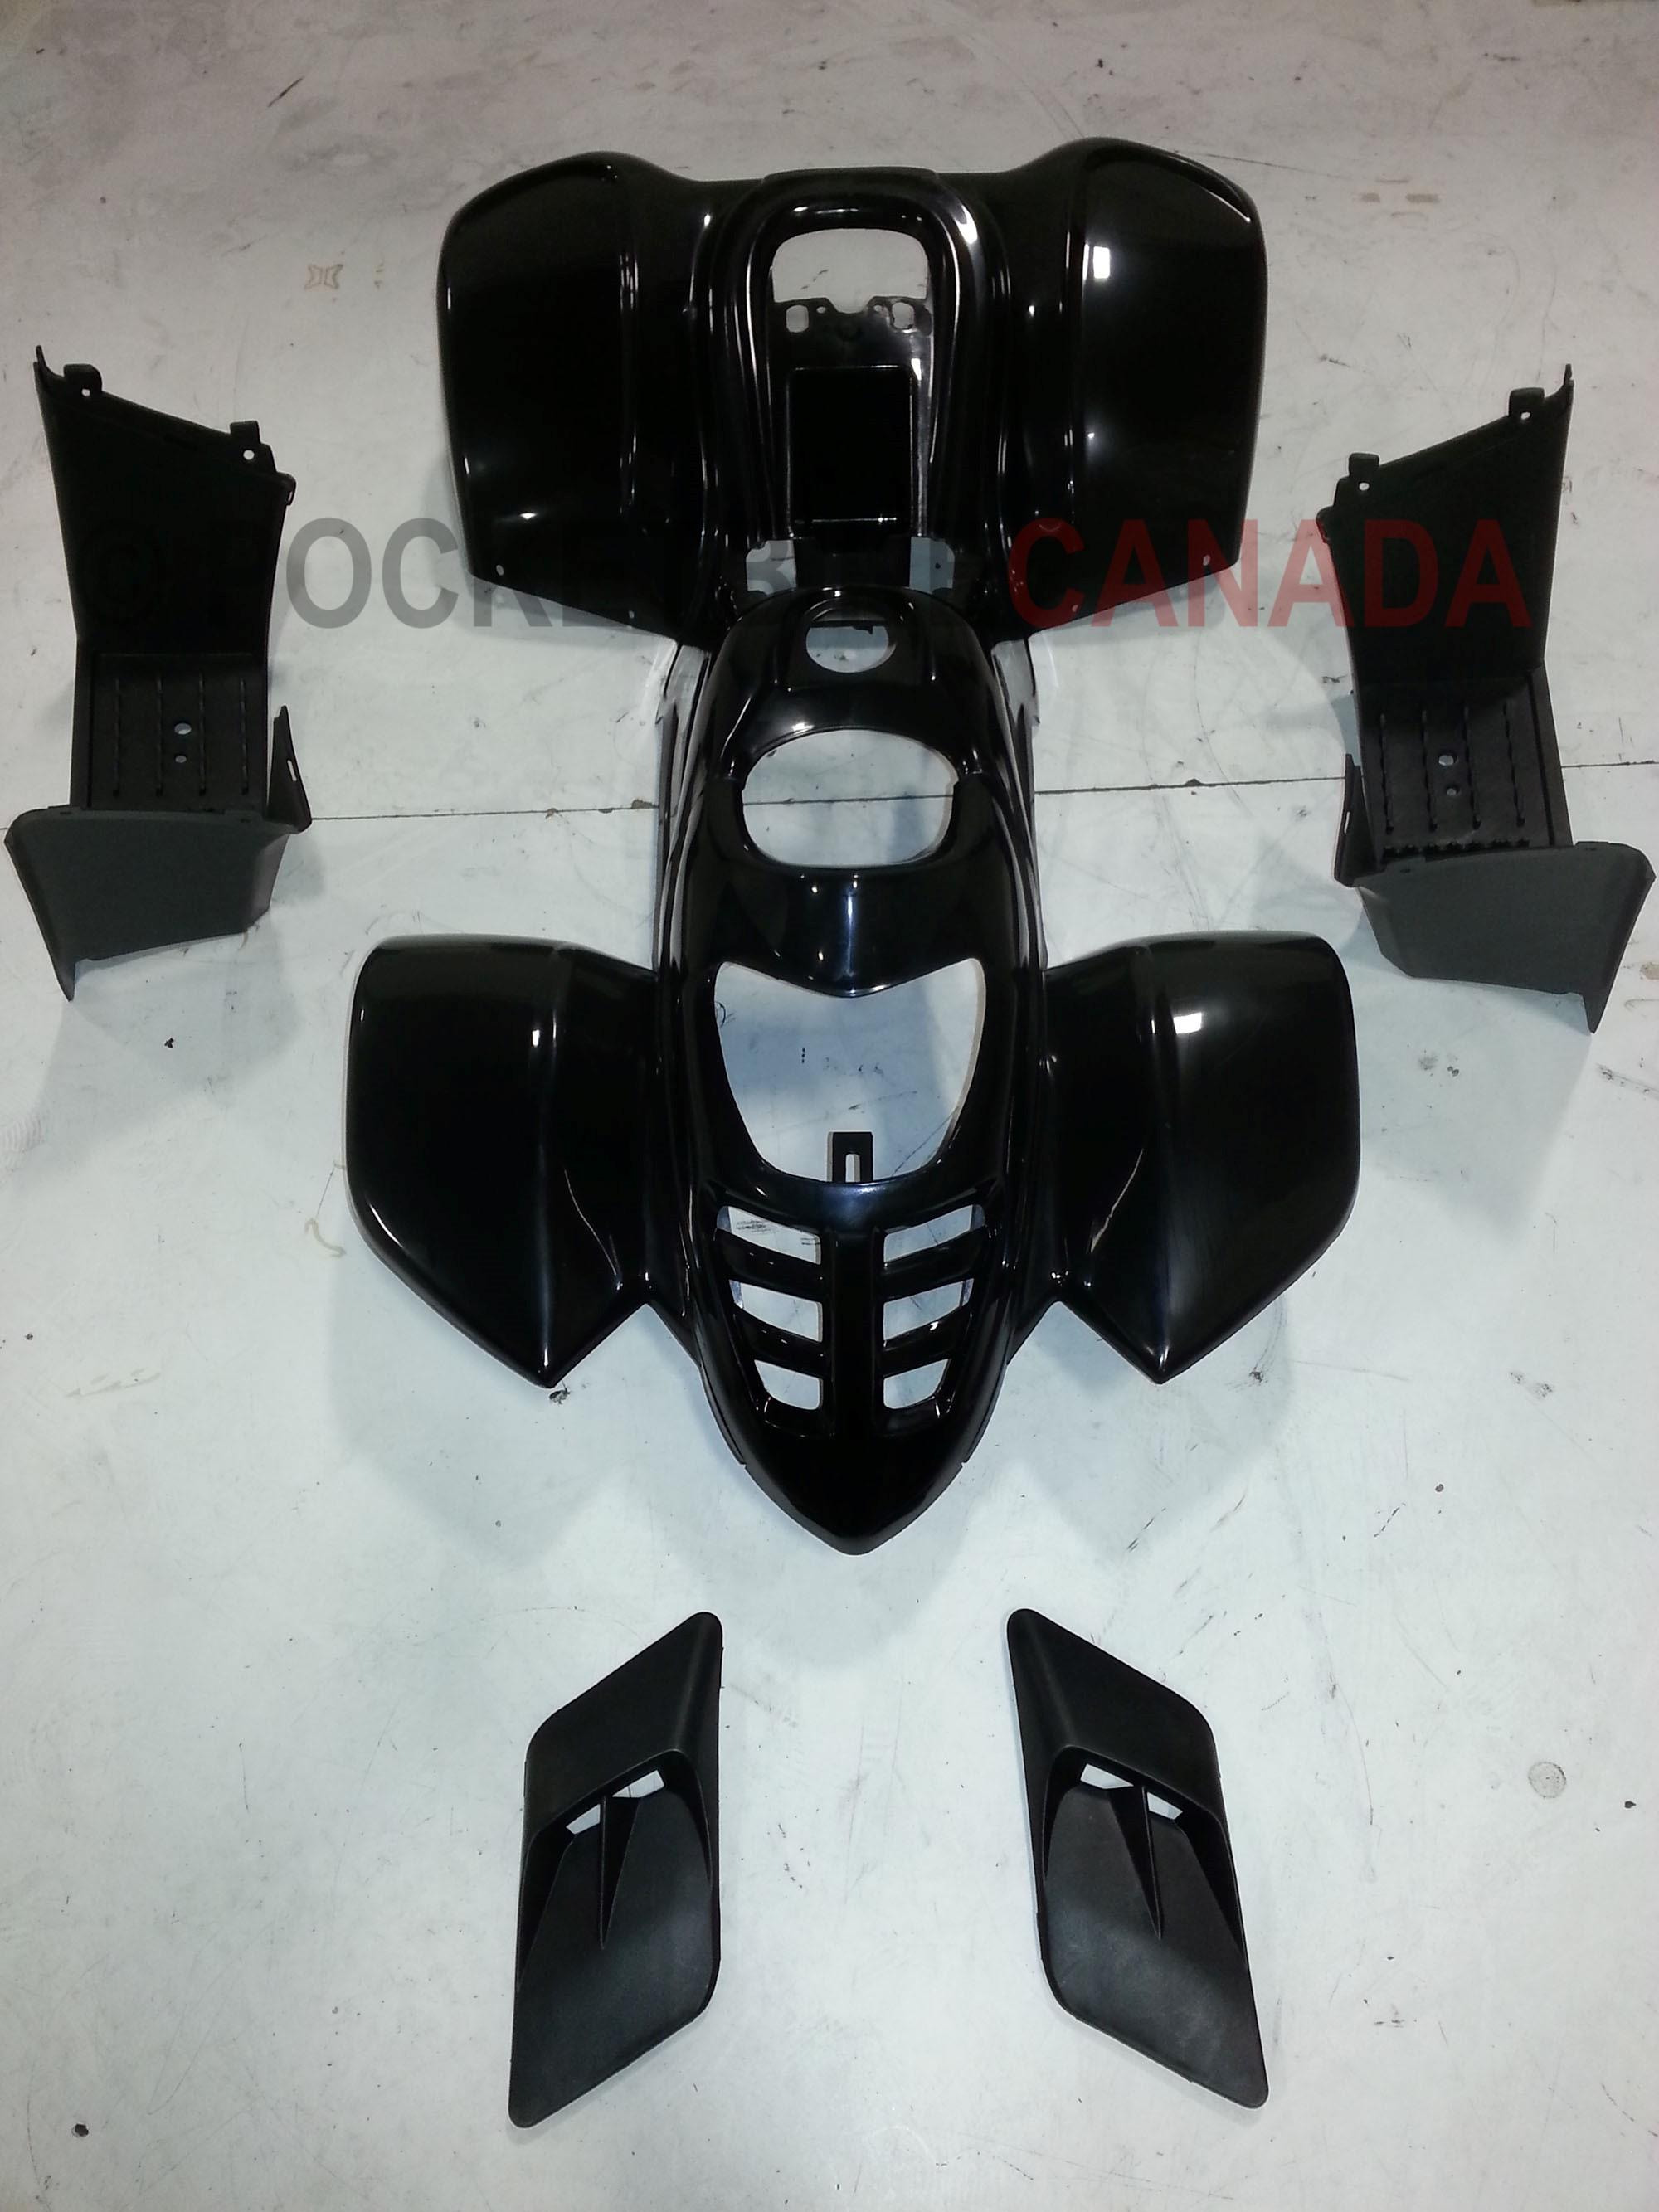 Chopper Wiring Harness Kit : Chopper wiring harness kits speed sensor kit